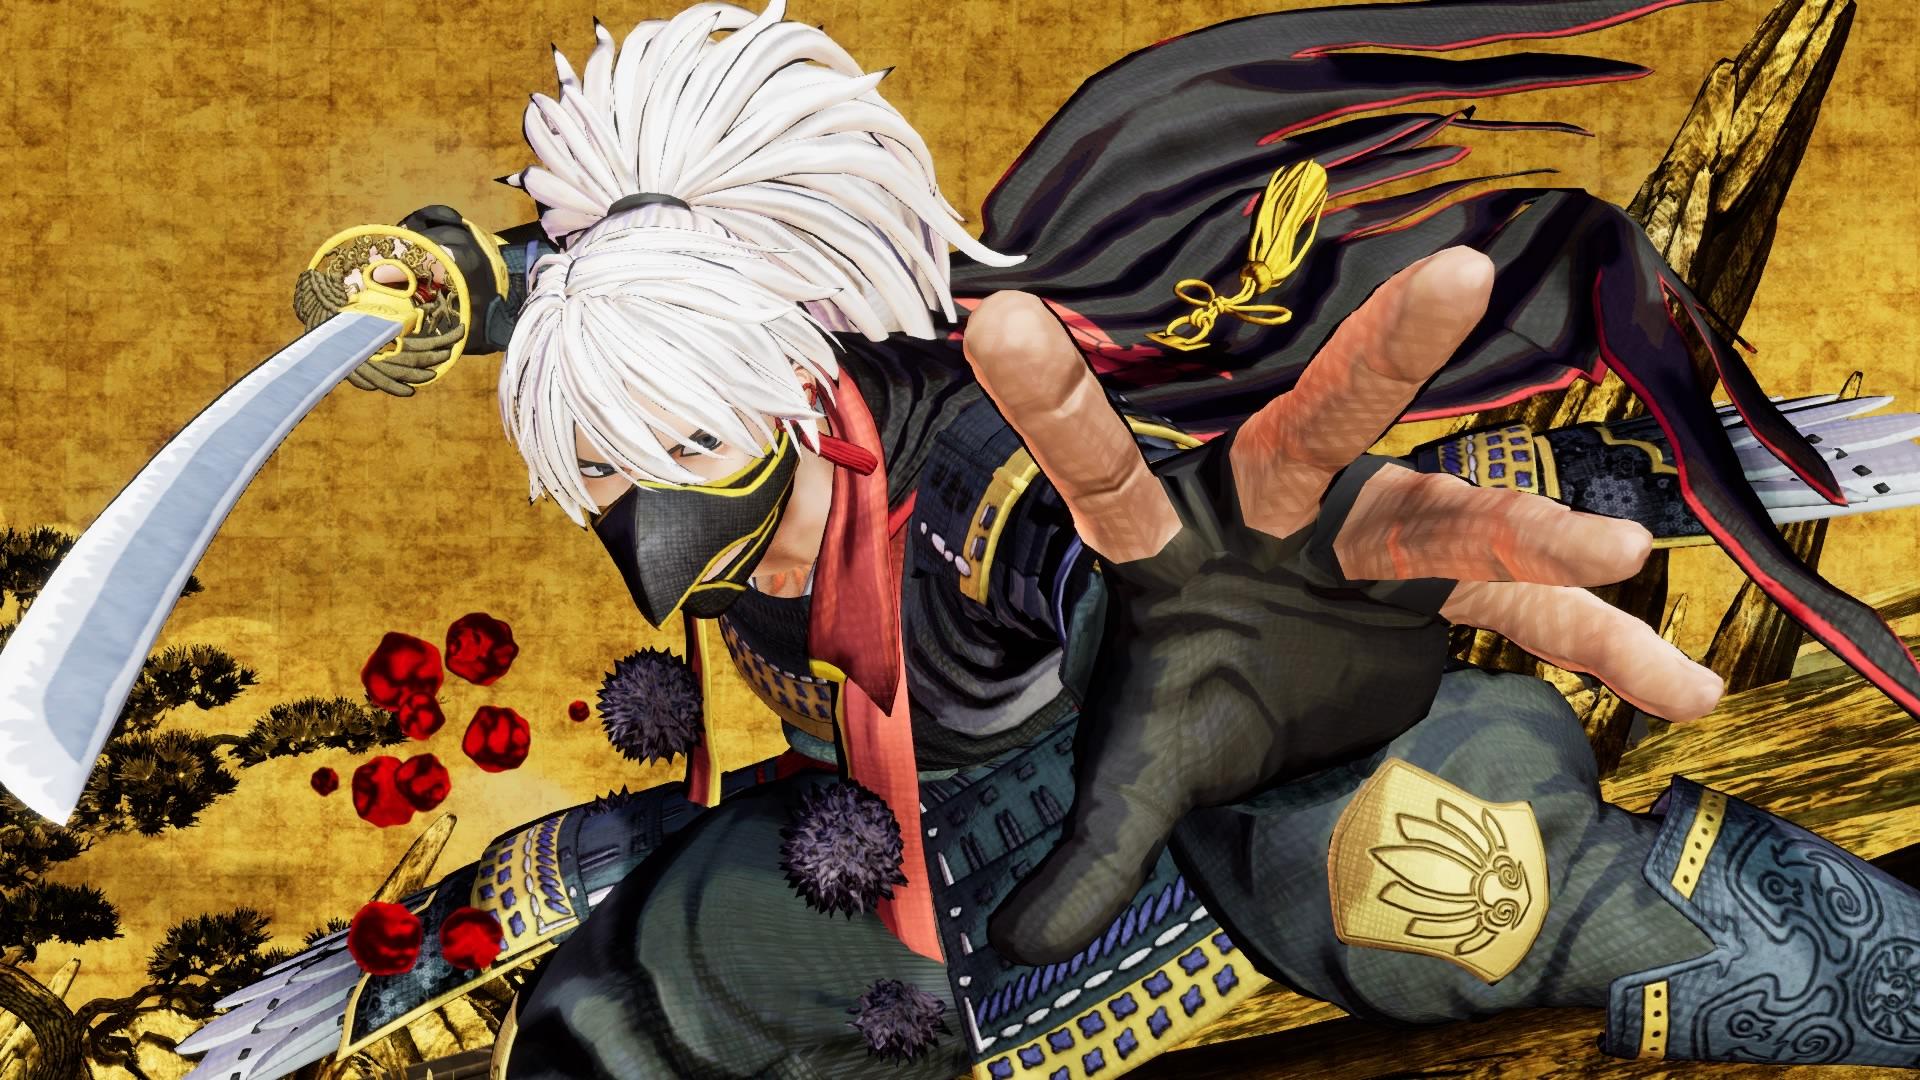 剣戟対戦格闘ゲーム『SAMURAI SPIRITS』4